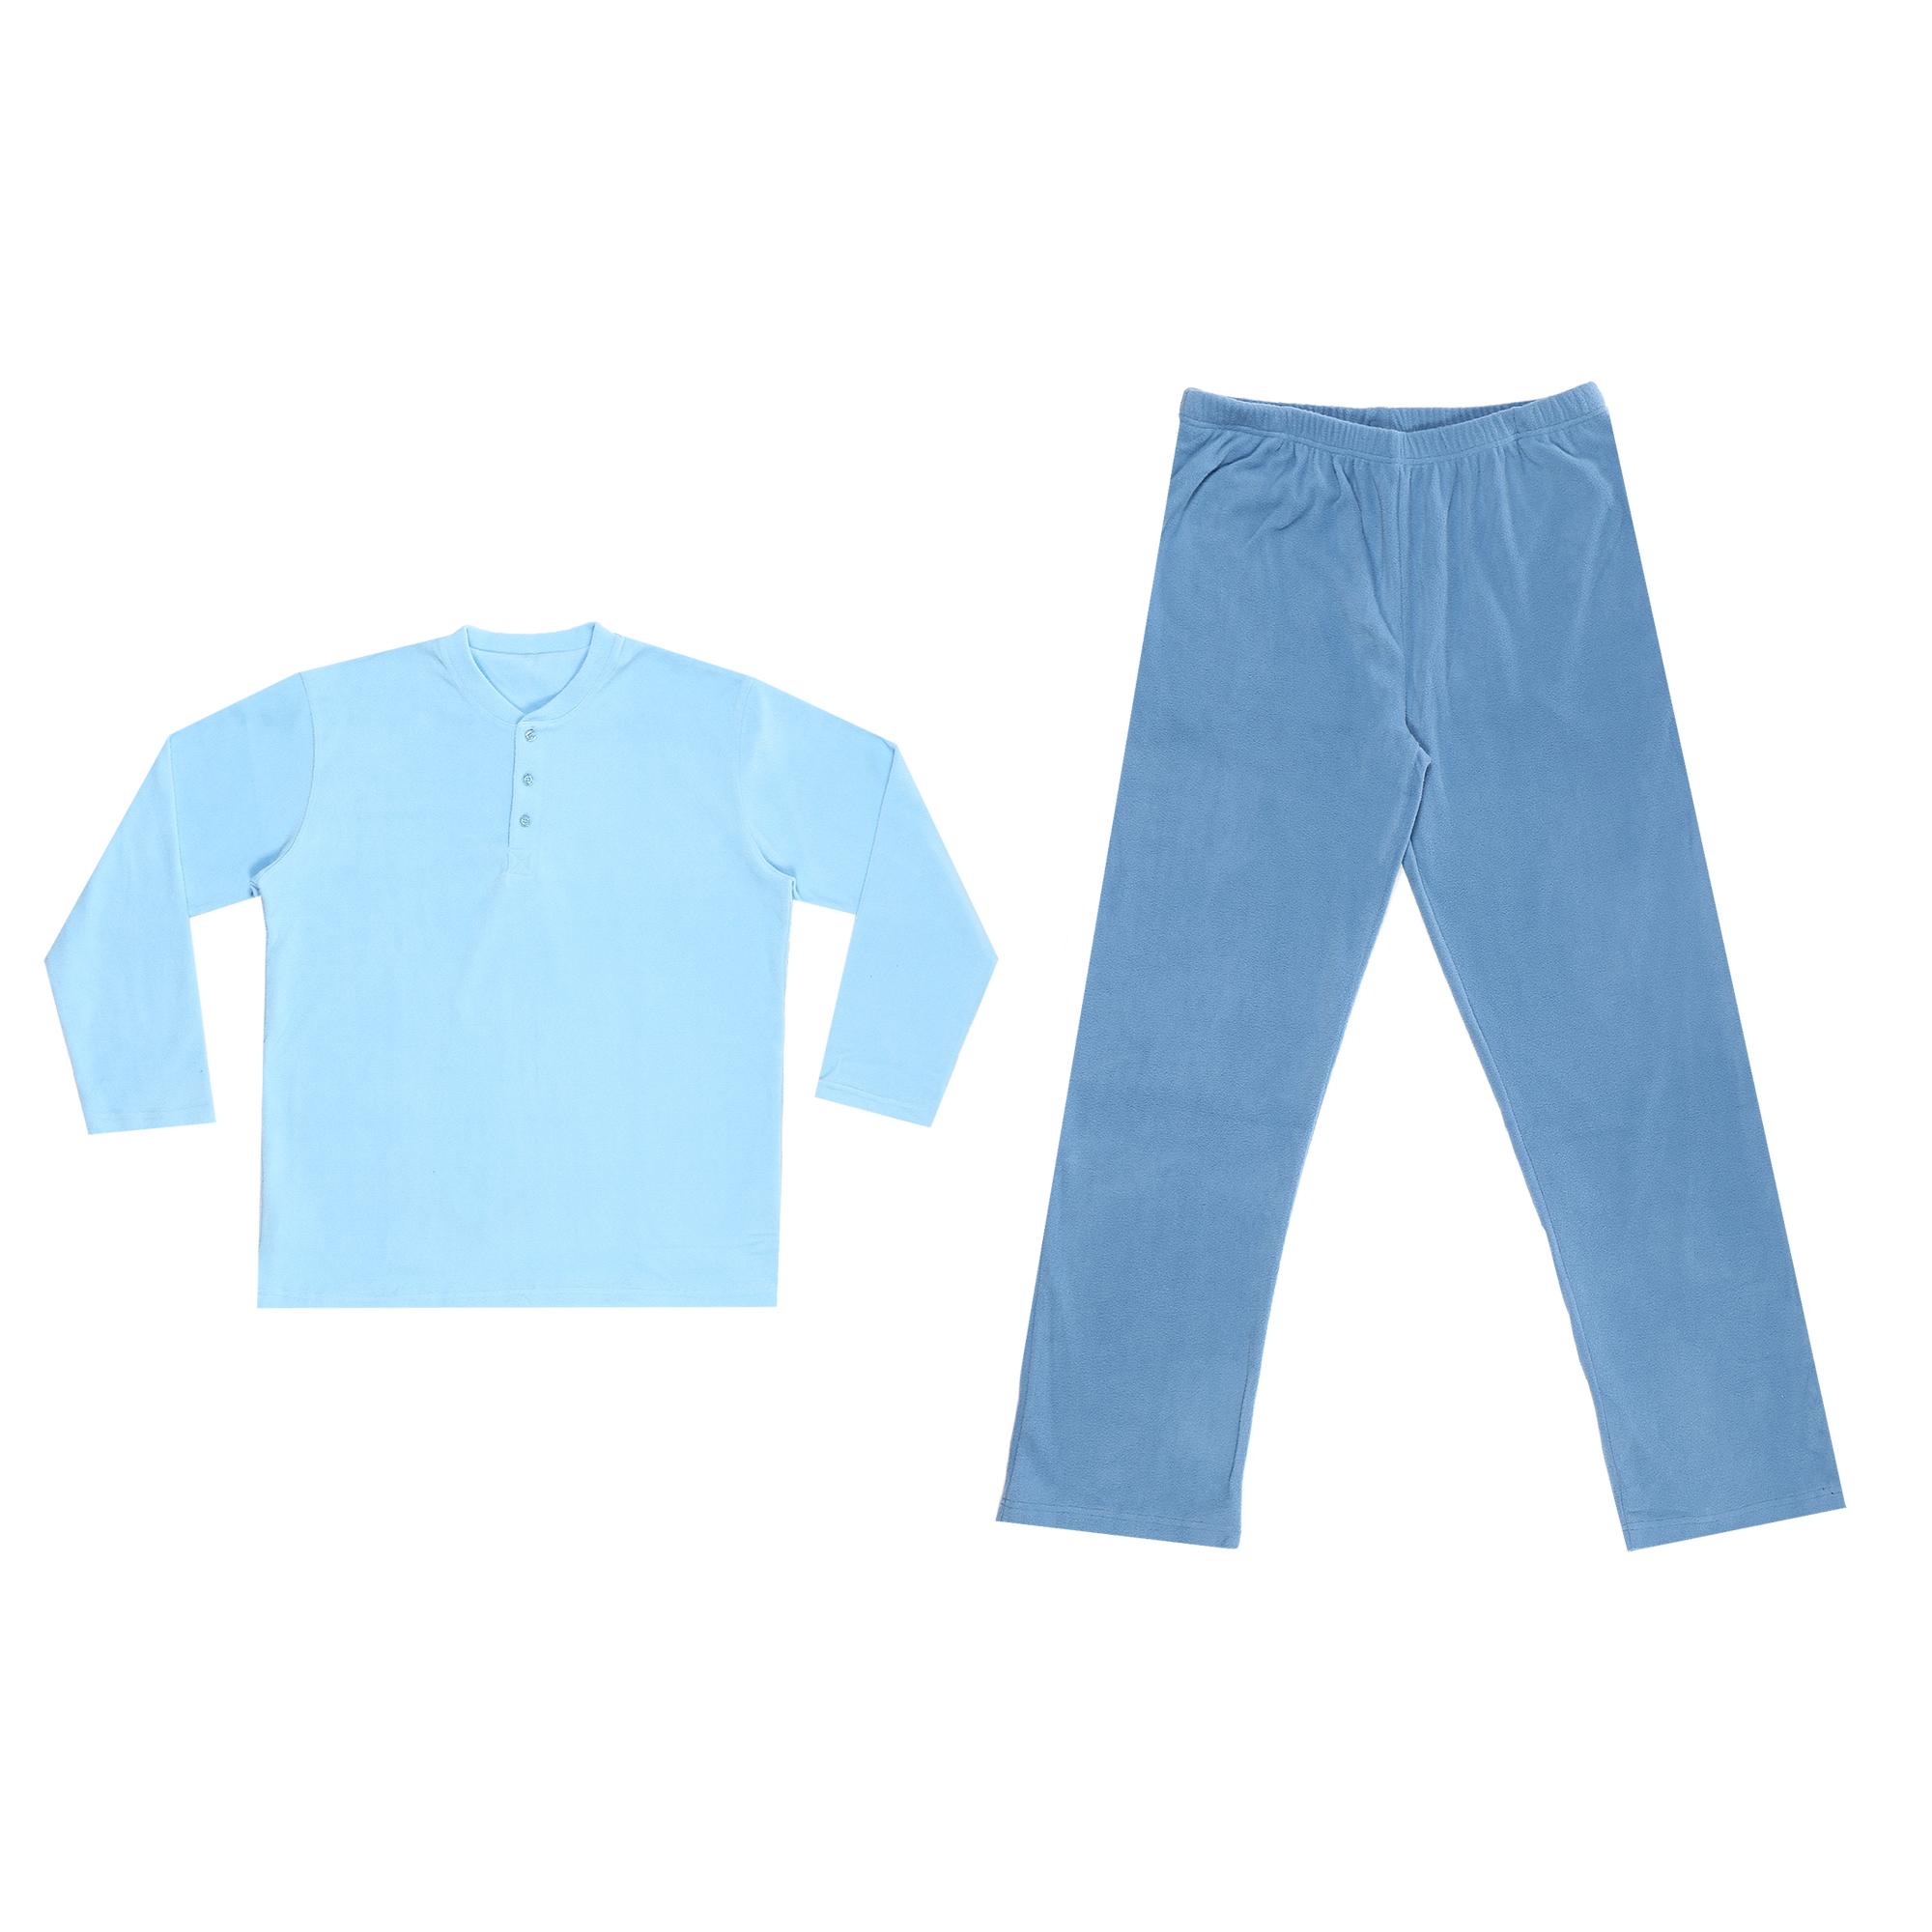 комплект домашний мужской vienetta s secret league капри футболка цвет сапфировый 711124 3286 размер 50 xl Домашний мужской костюм Xiamen Honesty MP-109 синий XL